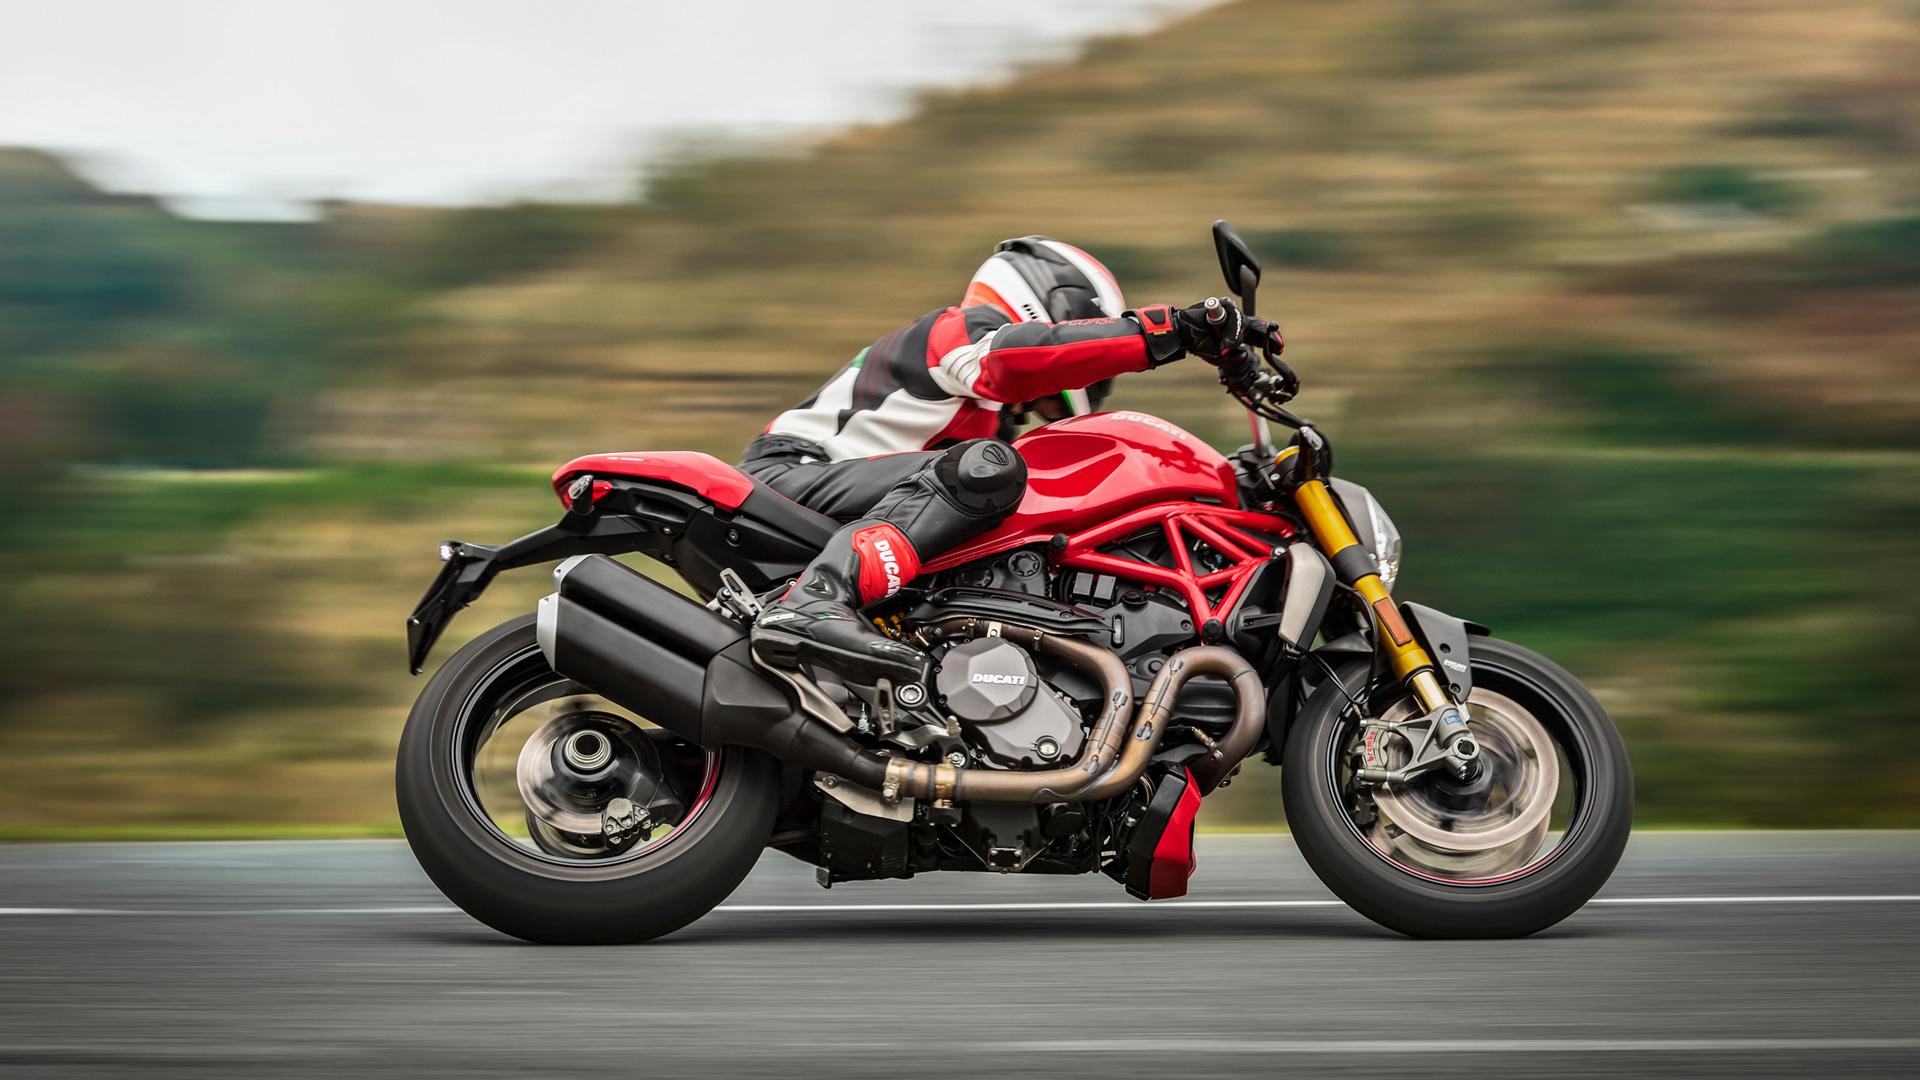 Ducati Monster 1200 - High Performance Bikes